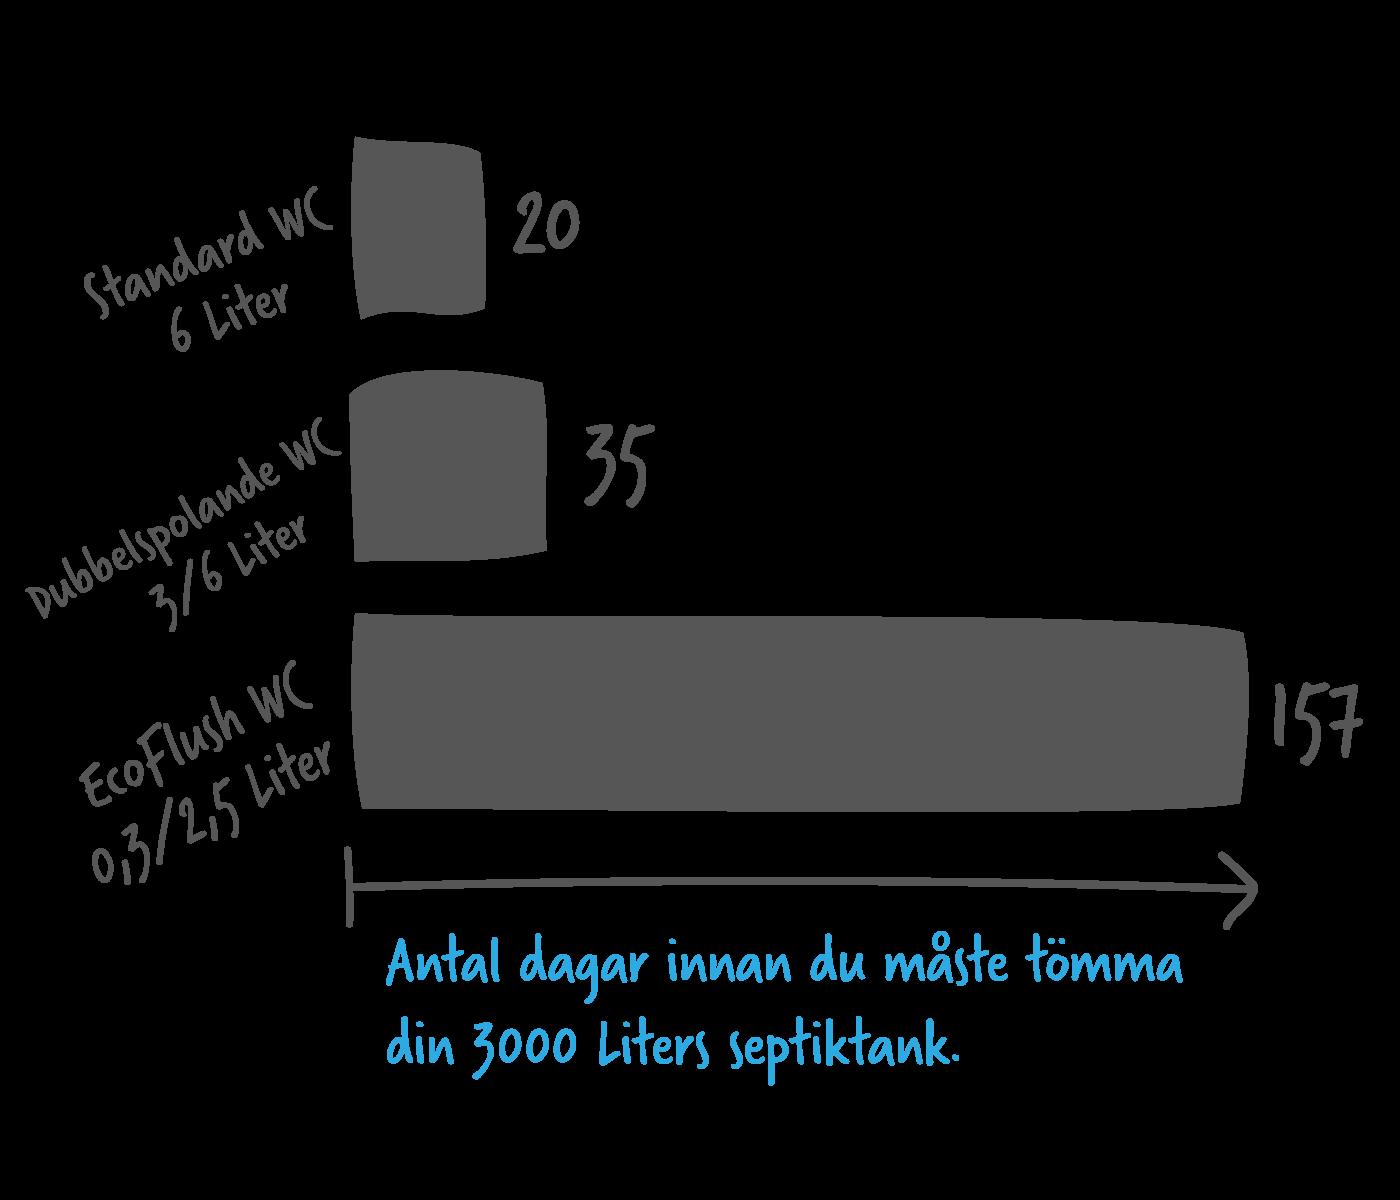 Minska dina kostnader med EcoFlush! - Om du har enskilt avlopp så har EcoFlush stora ekonomiska fördelar. Genom att byta till EcoFlush från din gamla WC så tar det längre tid innan det är dags att tömma avloppstanken. Och det gör att du sänker dina kostnader för tank-tömningar med upp till 90% på bara ett år. Genom att byta från din gamla toalett så är det både bra för miljön och så tjänar du oftast in din toalett på 3-6 månader i minskade kostnader. EcoFlush är det enda enkla sättet att kraftigt minska din vattenförbrukning och få färre tömningar av din avloppstank!